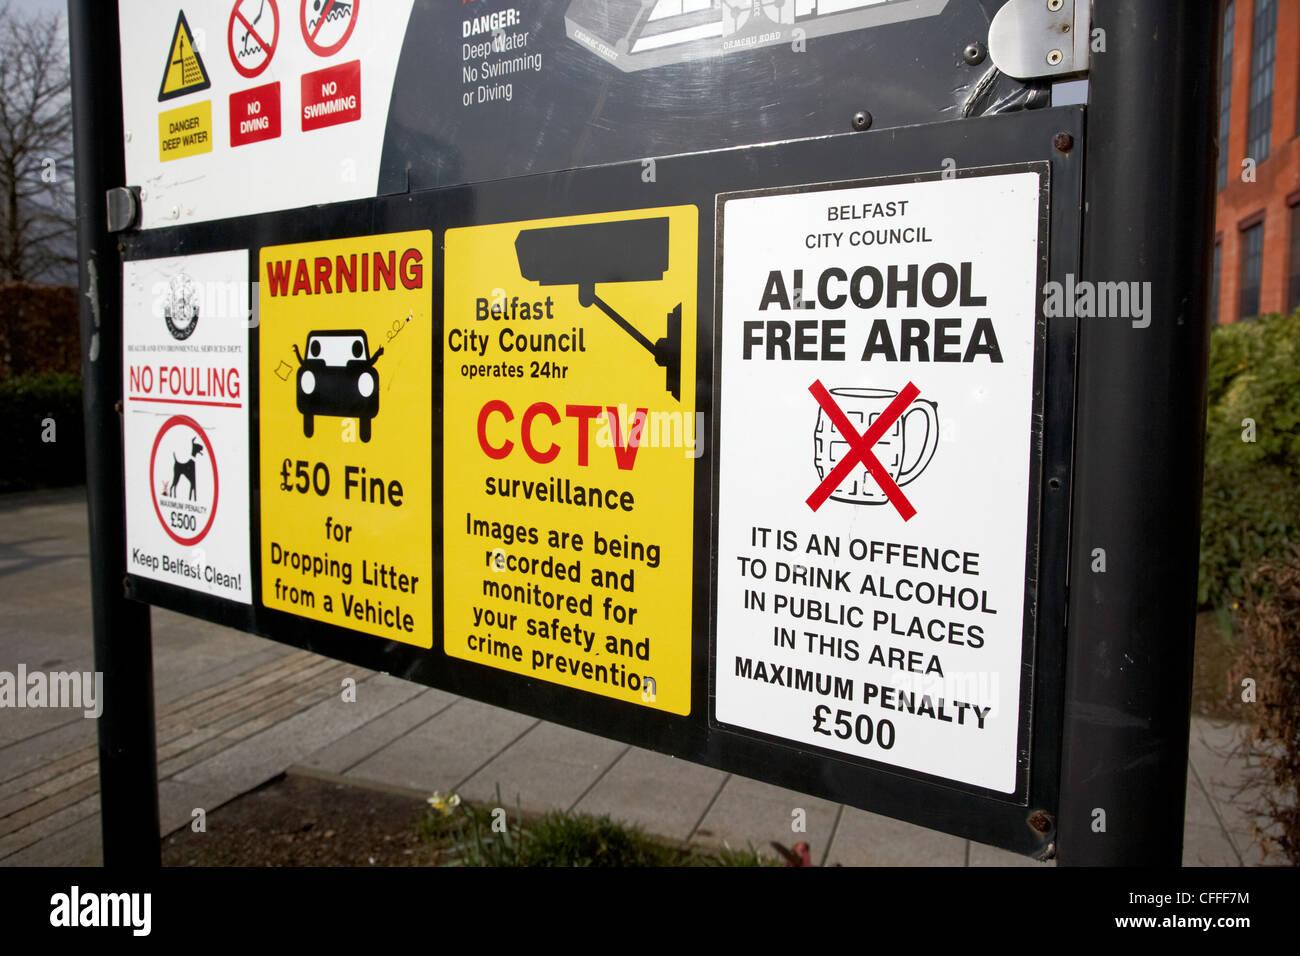 Molti avviso pubblico per lo statuto e la salute e gli avvisi di sicurezza su un segno nel Regno Unito Immagini Stock